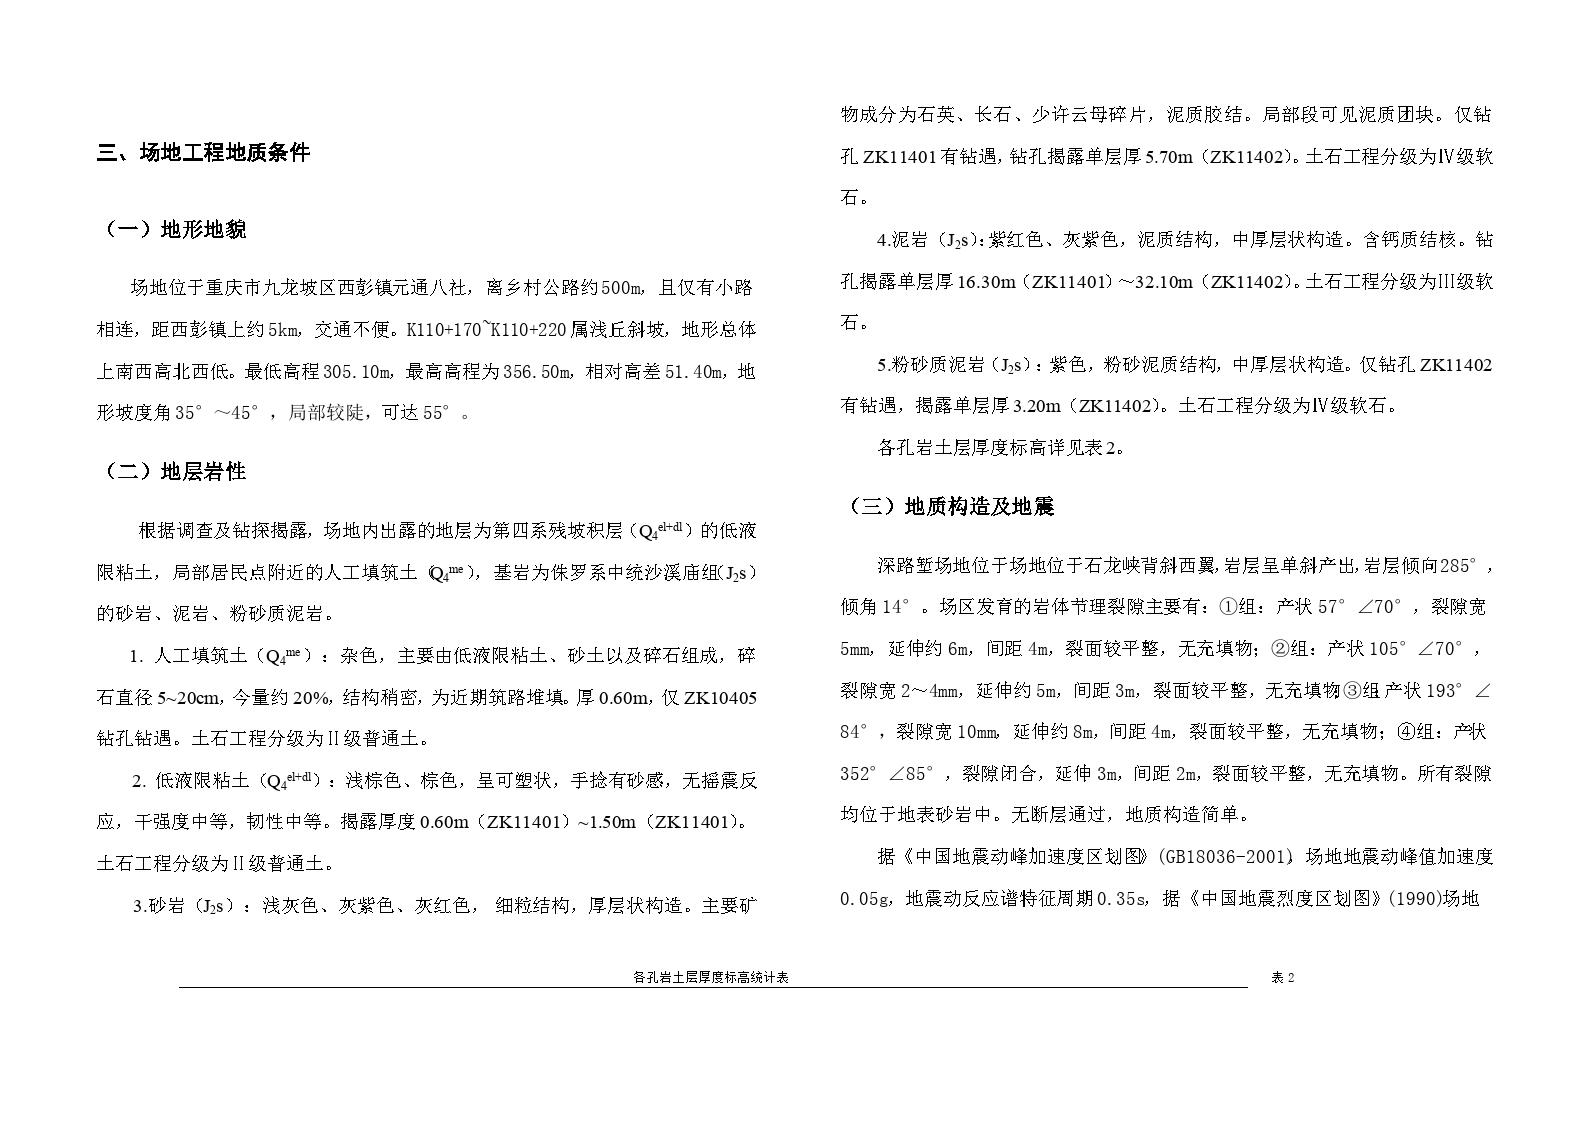 西部开发省际公路重庆绕城公路南段路基工点地质勘察资料-图一